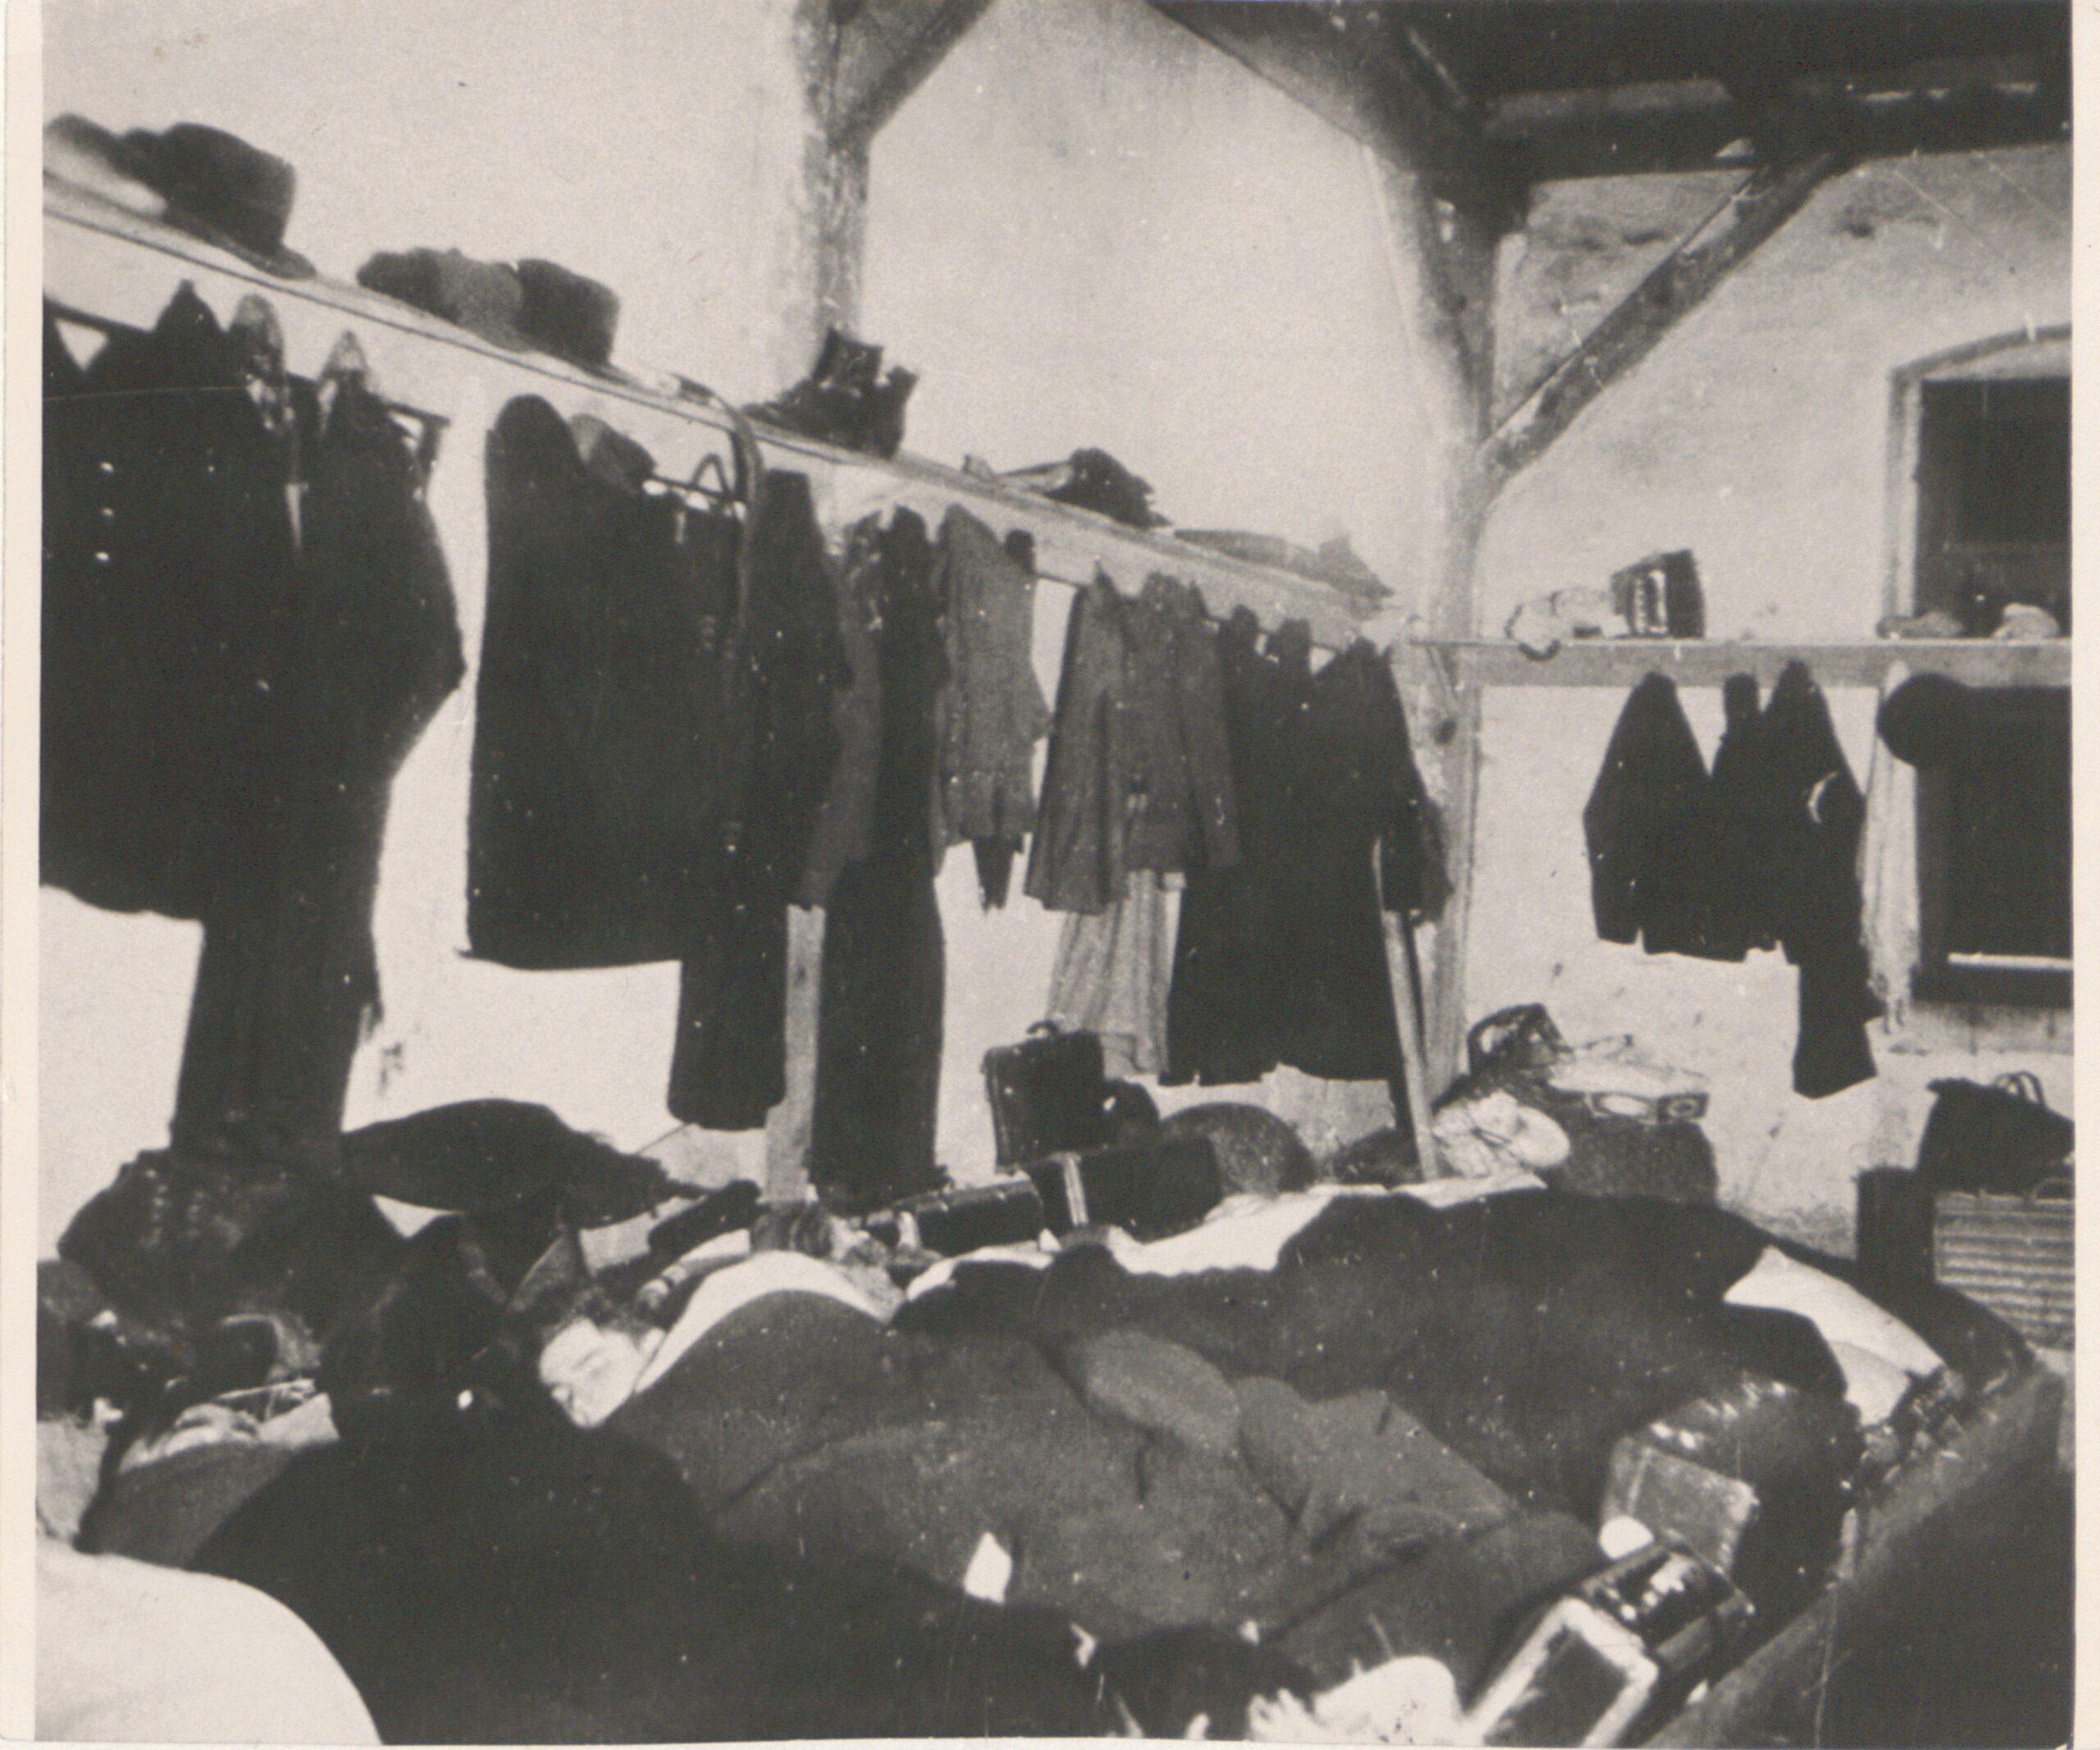 Wnętrze baraku numer 2 w obozie Lager Glowna. Ze zbiorów Instytutu Zachodniego im. Zygmunta Wojciechowskiego w Poznaniu. Niemiecki nazistowski obóz przesiedleńczy, działających w latach 1939-1940, zorganizowany dla ludności wysiedlanej z terenu Poznania i Wielkopolski. Na pomieszczenia obozowe wybrano zabudowania położone na Głównej przy ul. Bałtyckiej, gdzie do września 1939 roku mieściły się magazyny wojskowe. W skład obozu wchodziło pięć baraków (w tym trzy drewniane), a także murowany budynek administracji niemieckiej oraz zabudowania gospodarcze. Cały teren, łącznie z dużym placem, znajdującym się pośrodku, otoczony był potrójnym płotem z drutu kolczastego, a w jego narożnikach stały wieże wartownicze z reflektorami. W okresie od 5 listopada 1939 roku do 20 maja 1940 roku w obozie przejściowym na Głównej osadzonych zostało ok. 33 500 osób, z których 32 986 wywieziono do Generalnego Gubernatorstwa. Było wśród nich 31 424 Polaków, 1112 Żydów oraz 450 Romów. Przy ulicy Bałtyckiej, obok skrzyżowania z ul. Chemiczną i ul. Hlonda stoi głaz upamiętniający przesiedleńców.